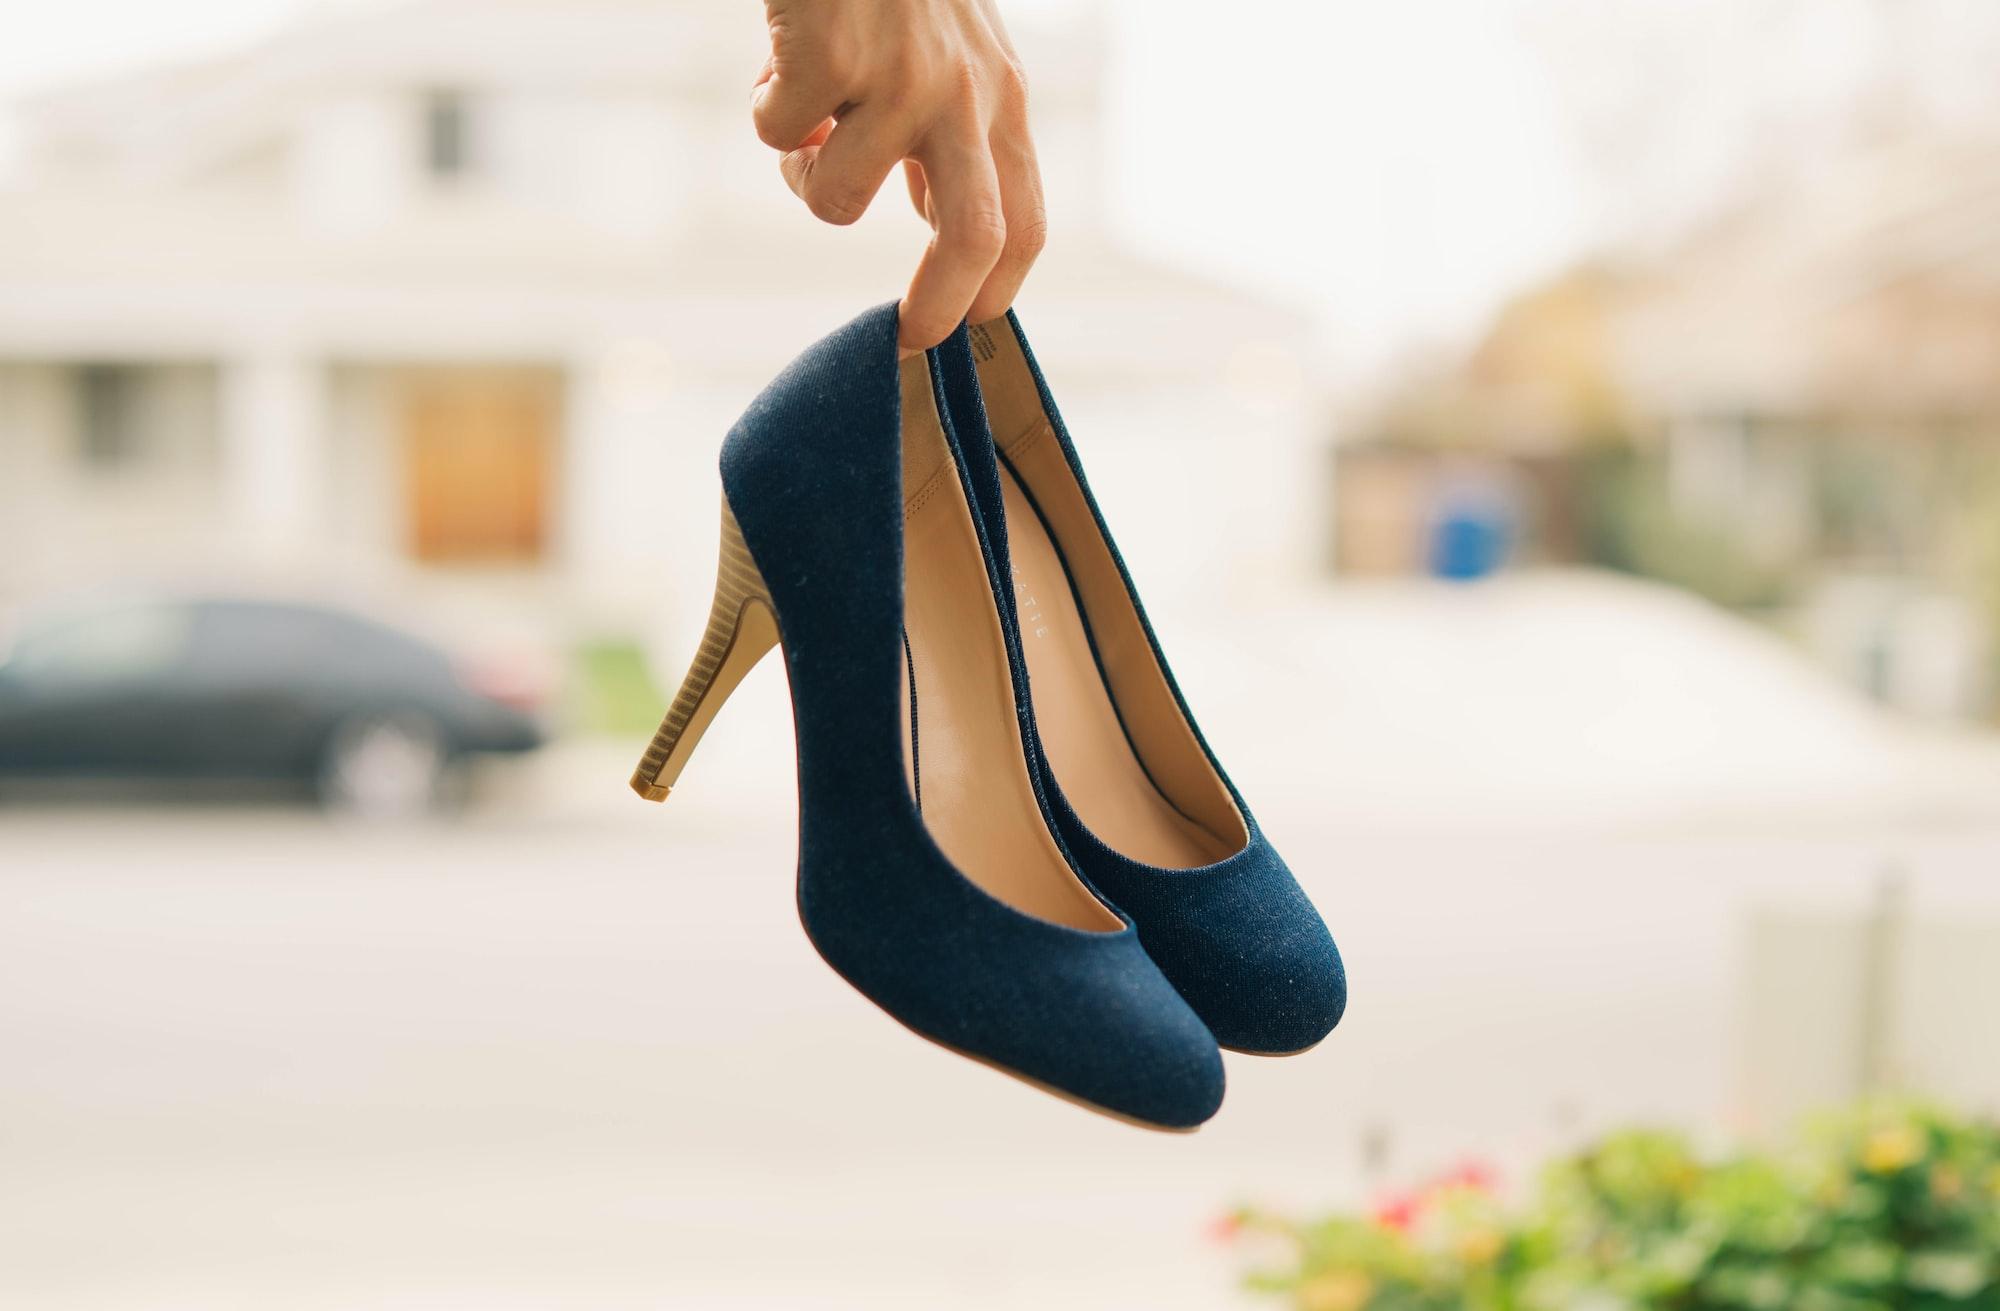 Daha Çok Ayakkabı Yapılan Bir Çeşit Sağlam Ve Parlak Kumaş Bulmaca Anlamı Nedir?